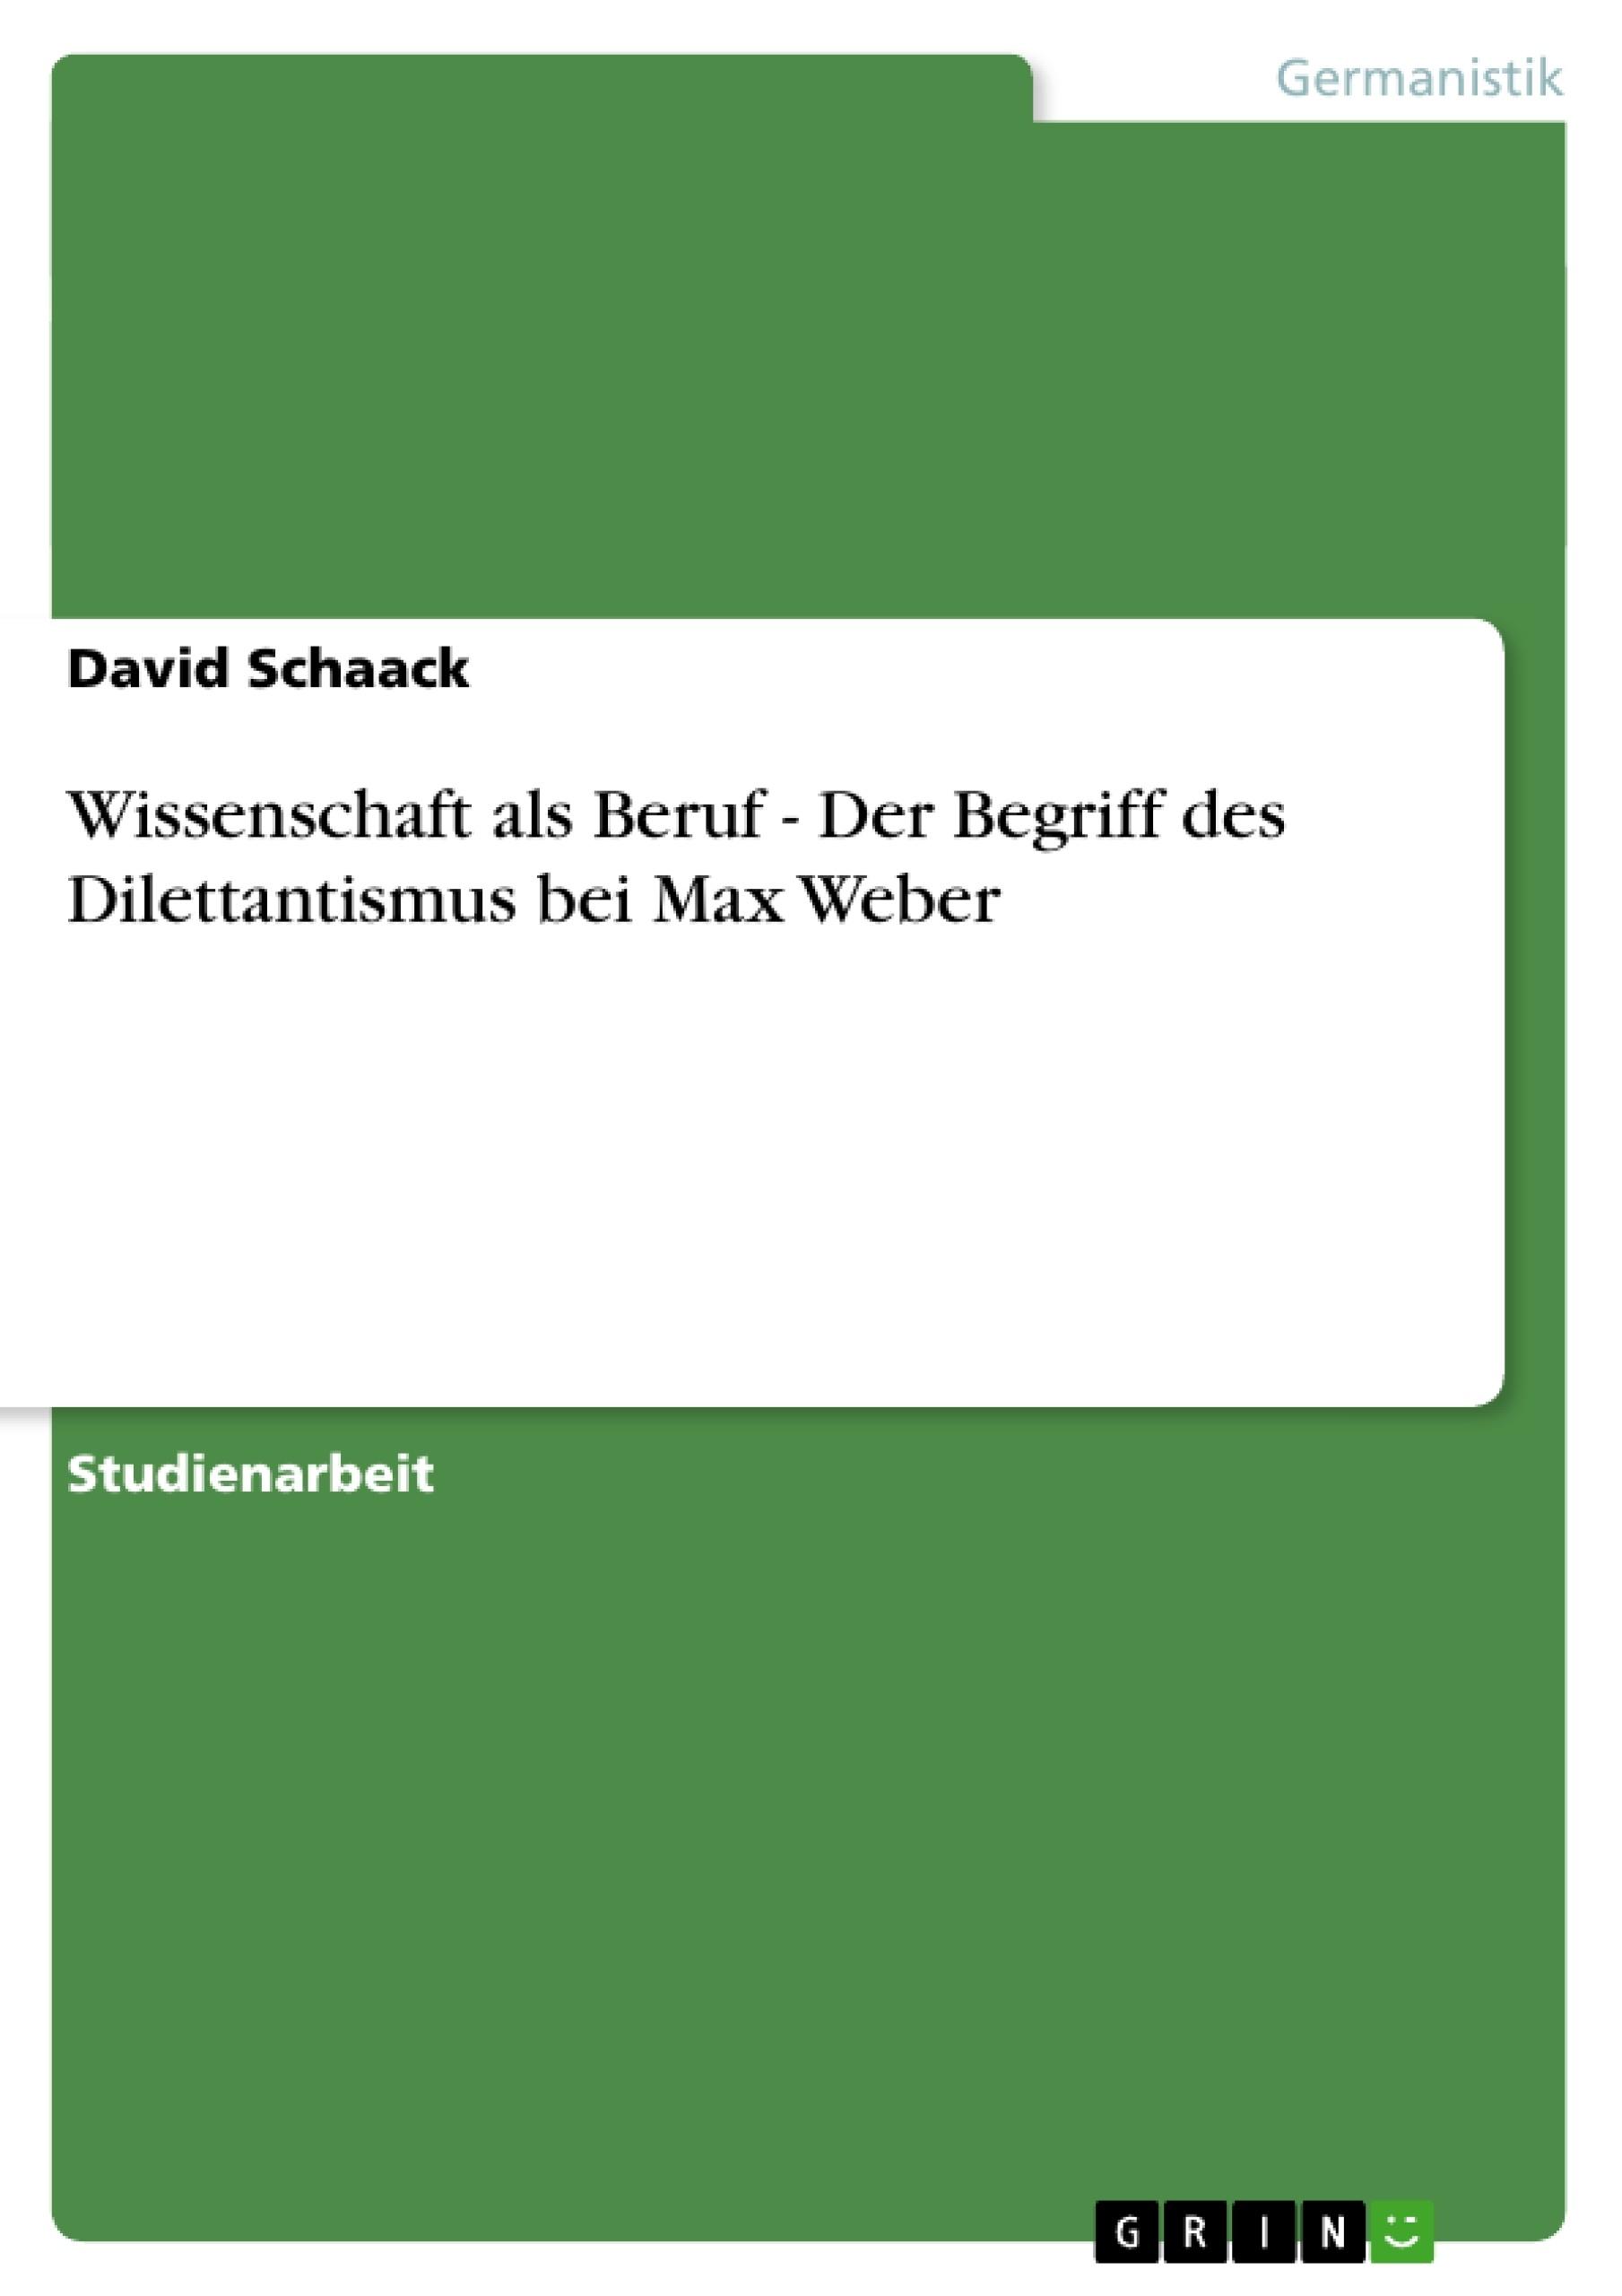 Titel: Wissenschaft als Beruf - Der Begriff des Dilettantismus bei Max Weber